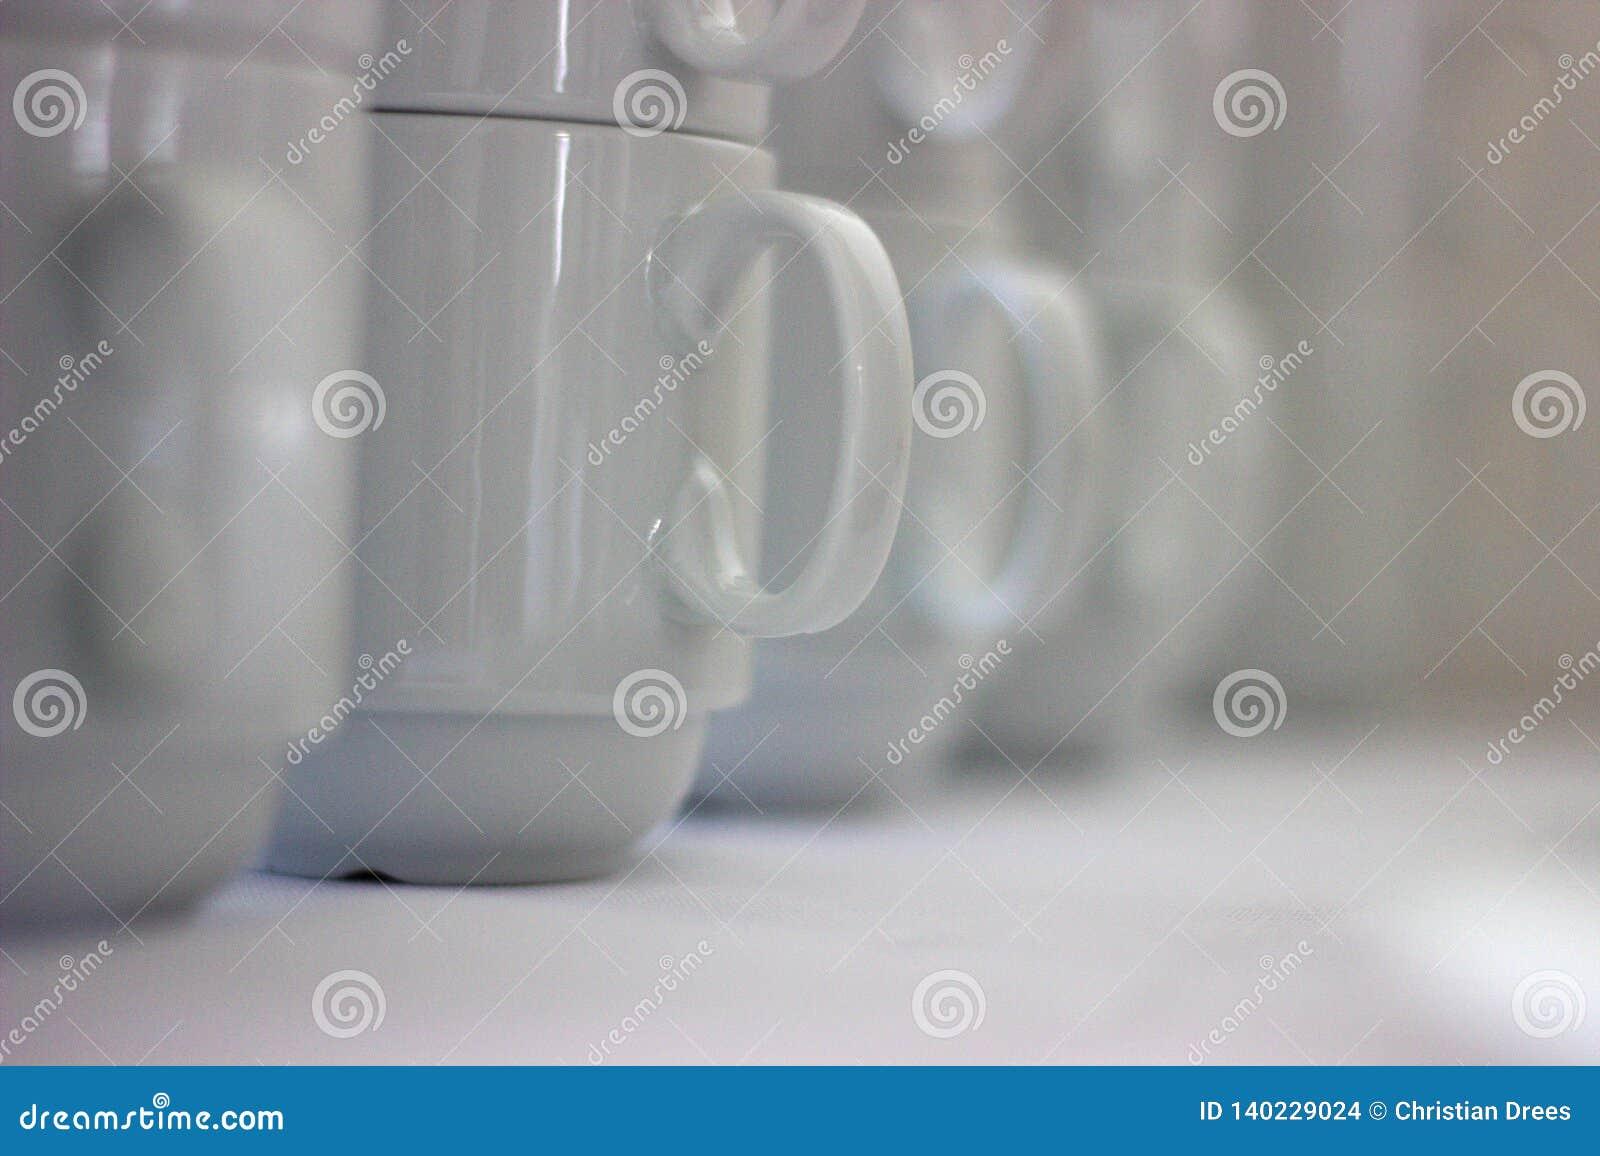 Comamos un poco de café